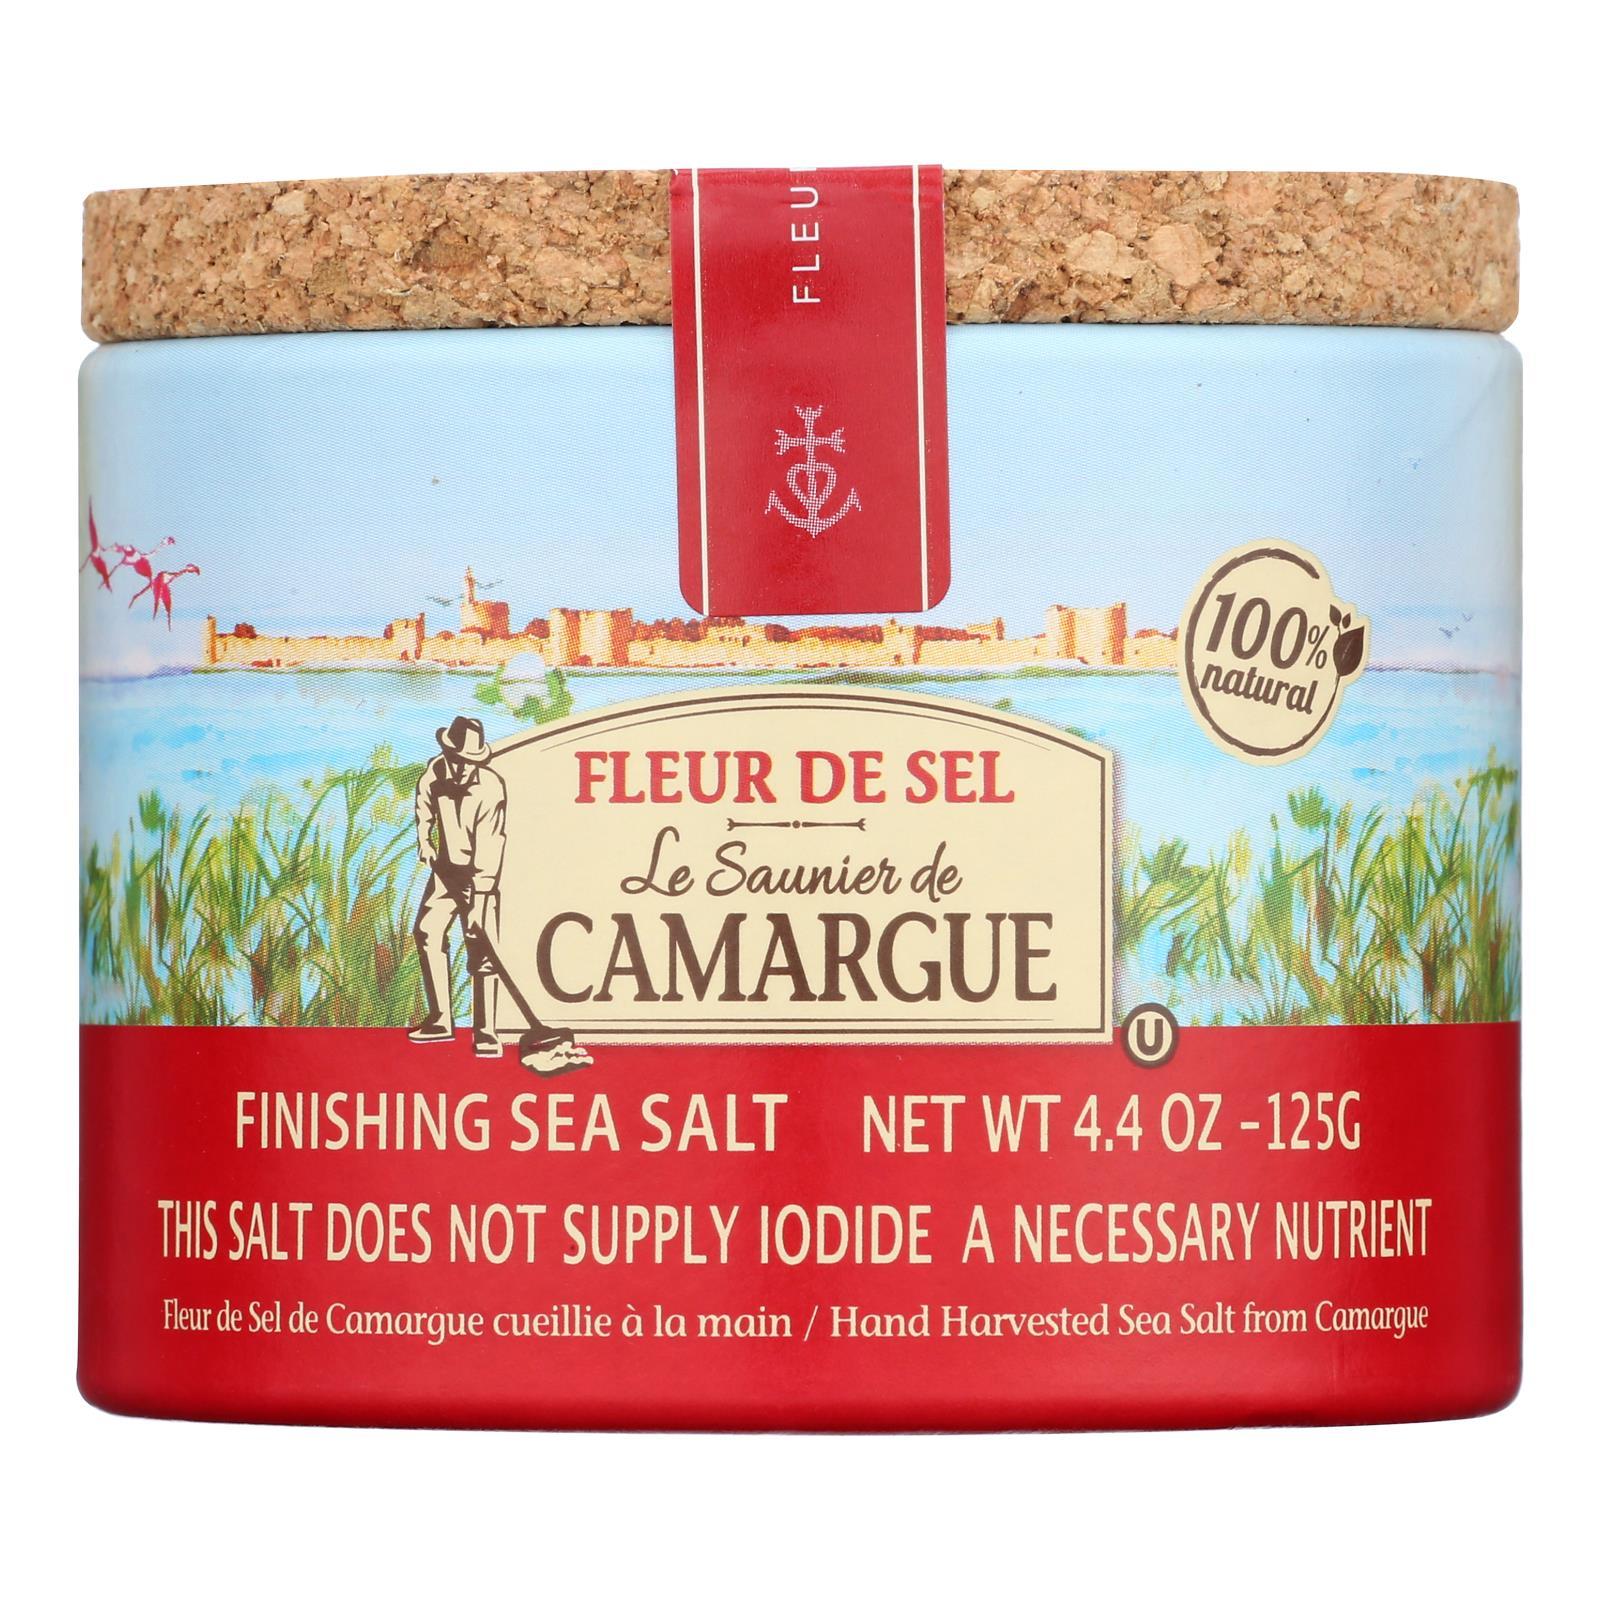 Le Saunier De Camargue French Sea Salt - Fleur De Sel - Case of 6 - 125 Gram